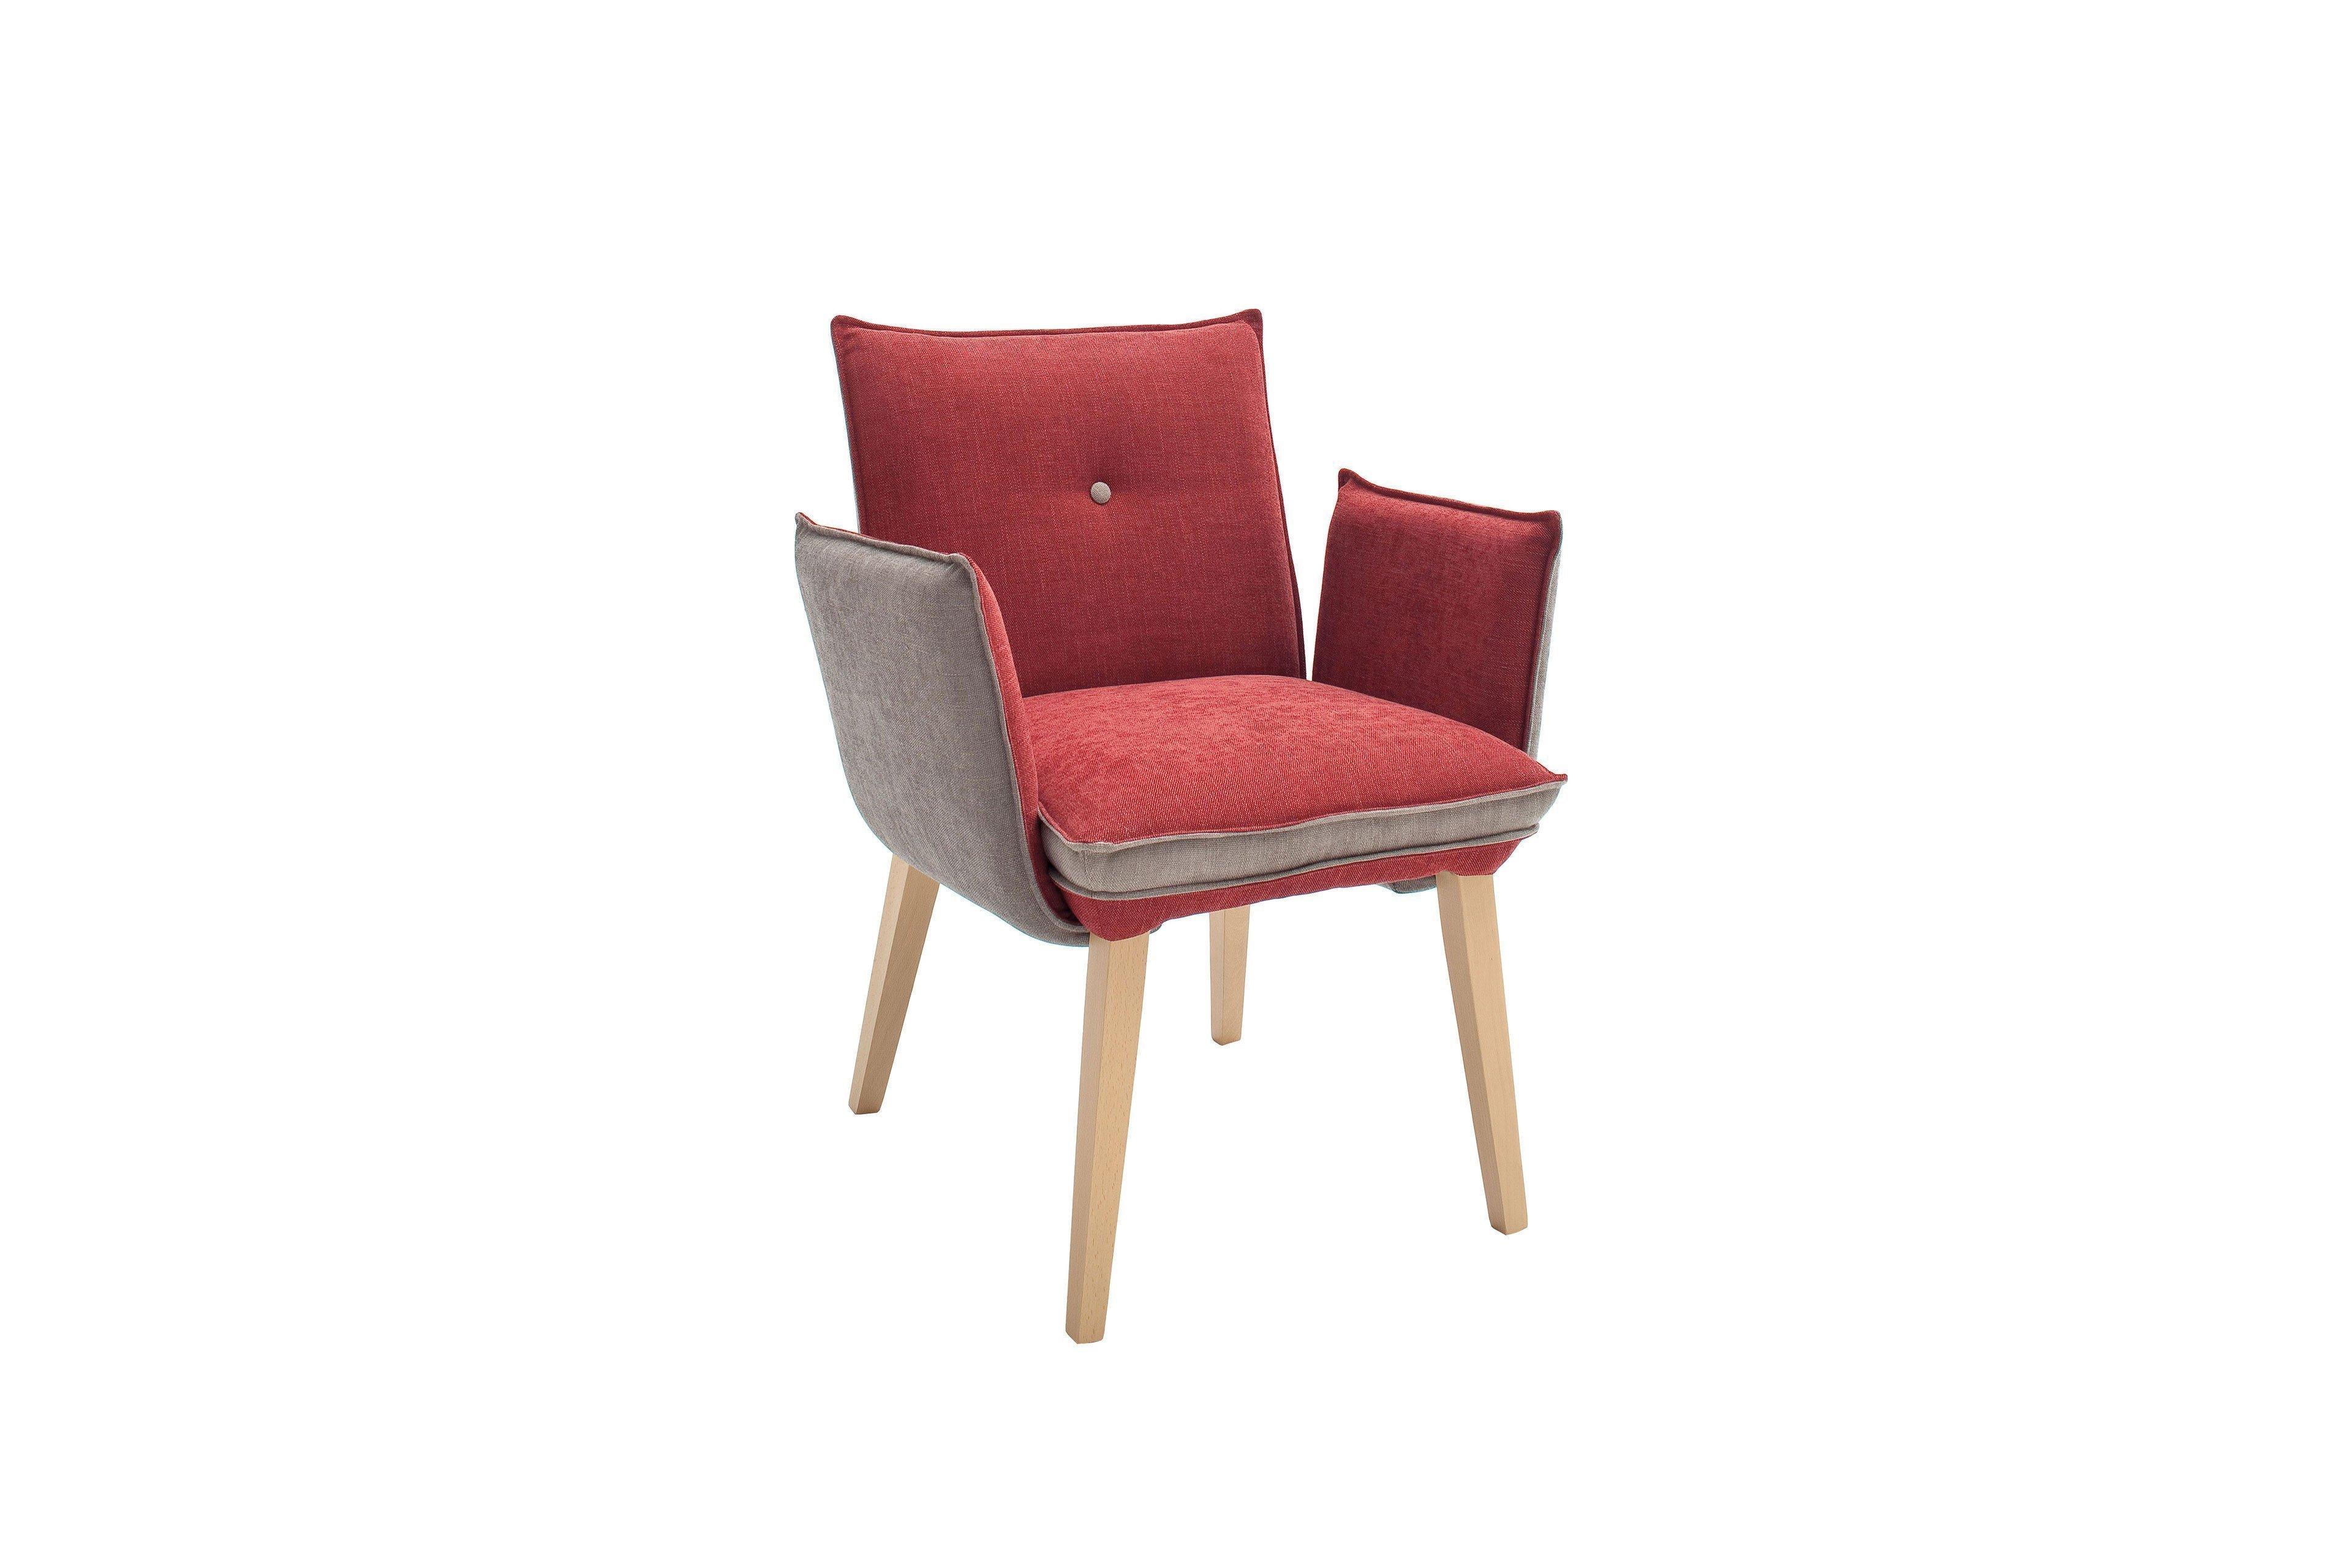 Standard Furniture Sessel Genua Mit Armlehnen Mobel Letz Ihr